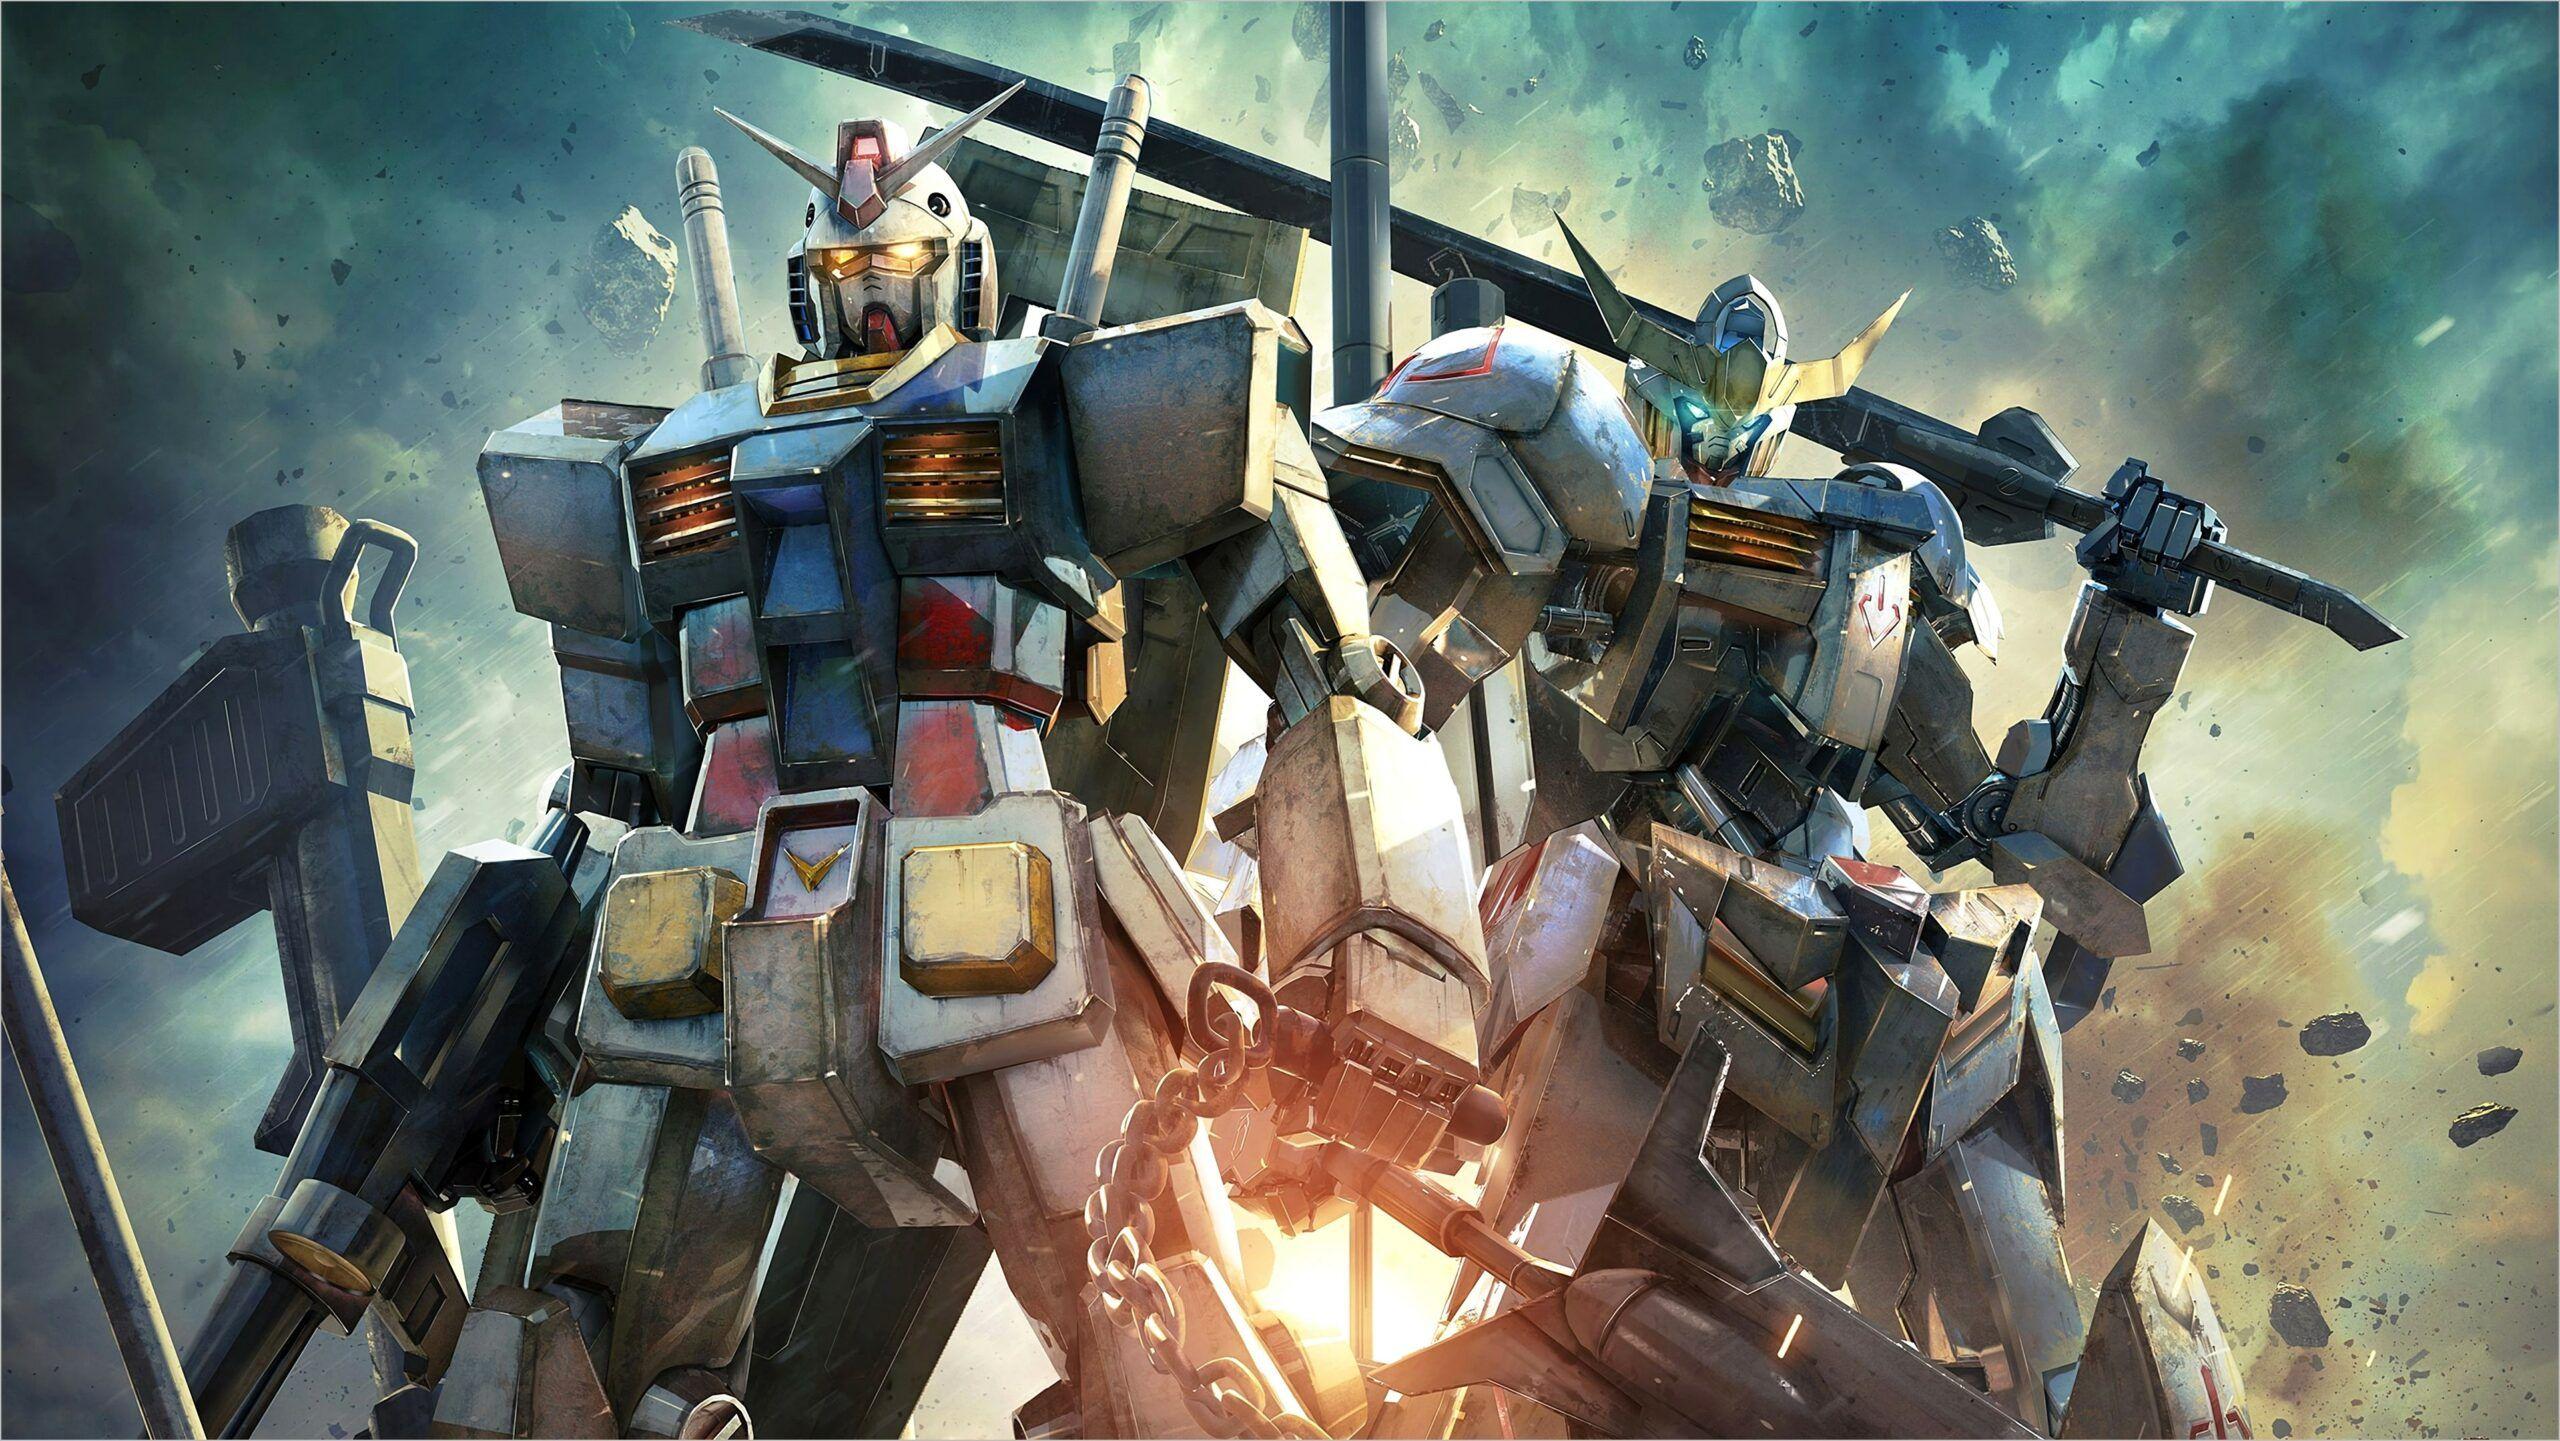 Anime Wallpaper In White 4k Gundam In 2020 Gundam Wallpapers Anime Wallpaper Gundam